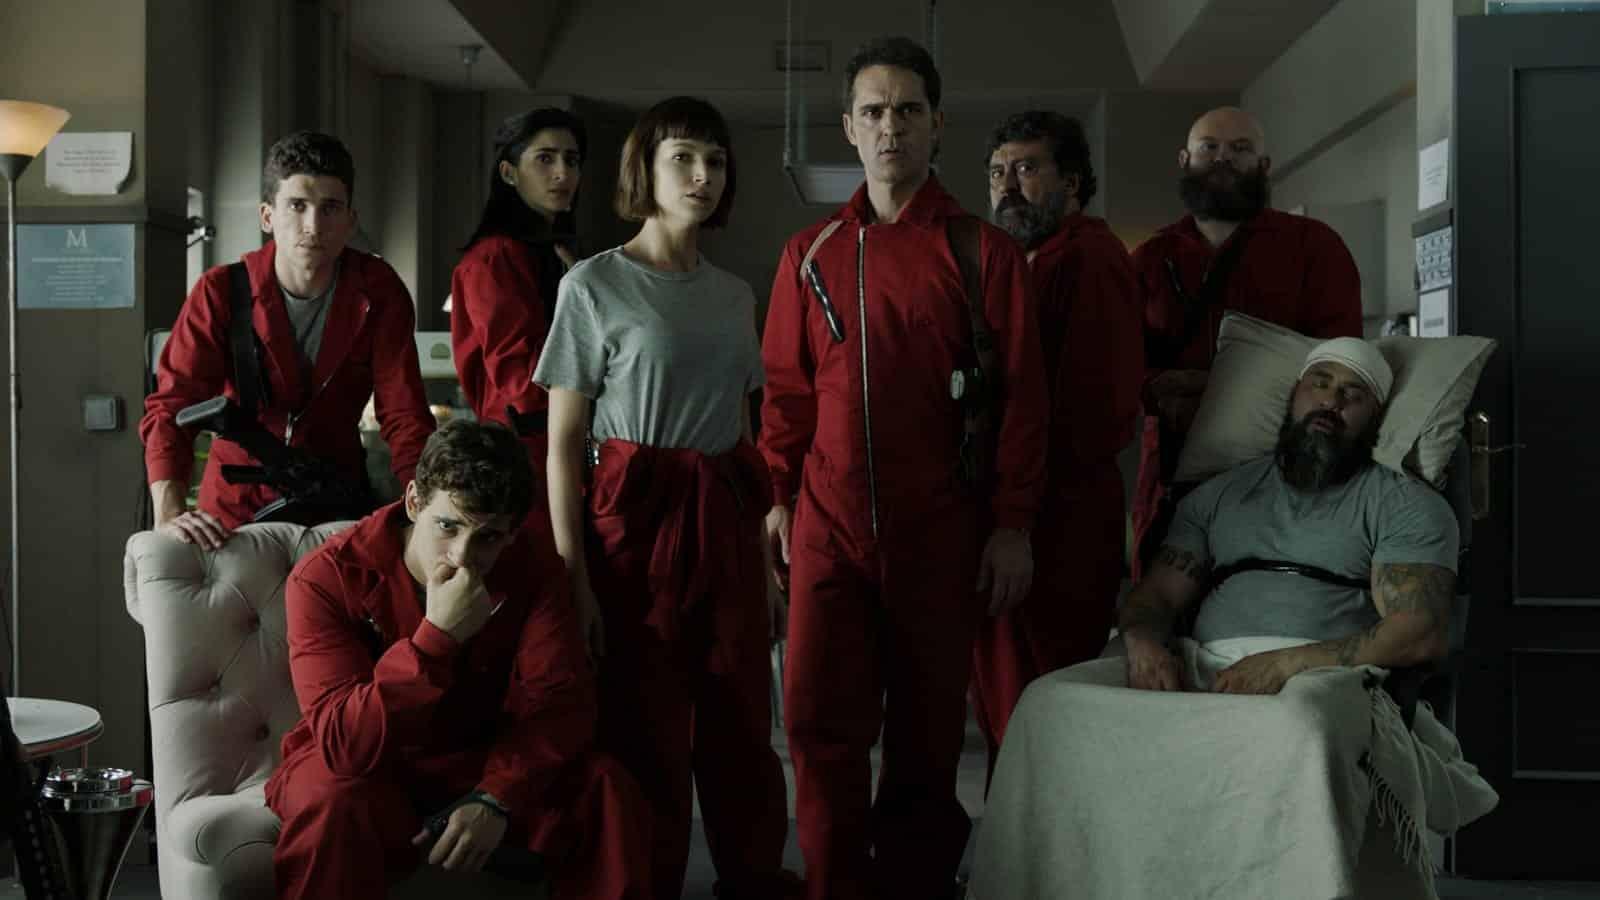 Imagem mostrando o grupo dos assaltantes de La Casa de Papel.